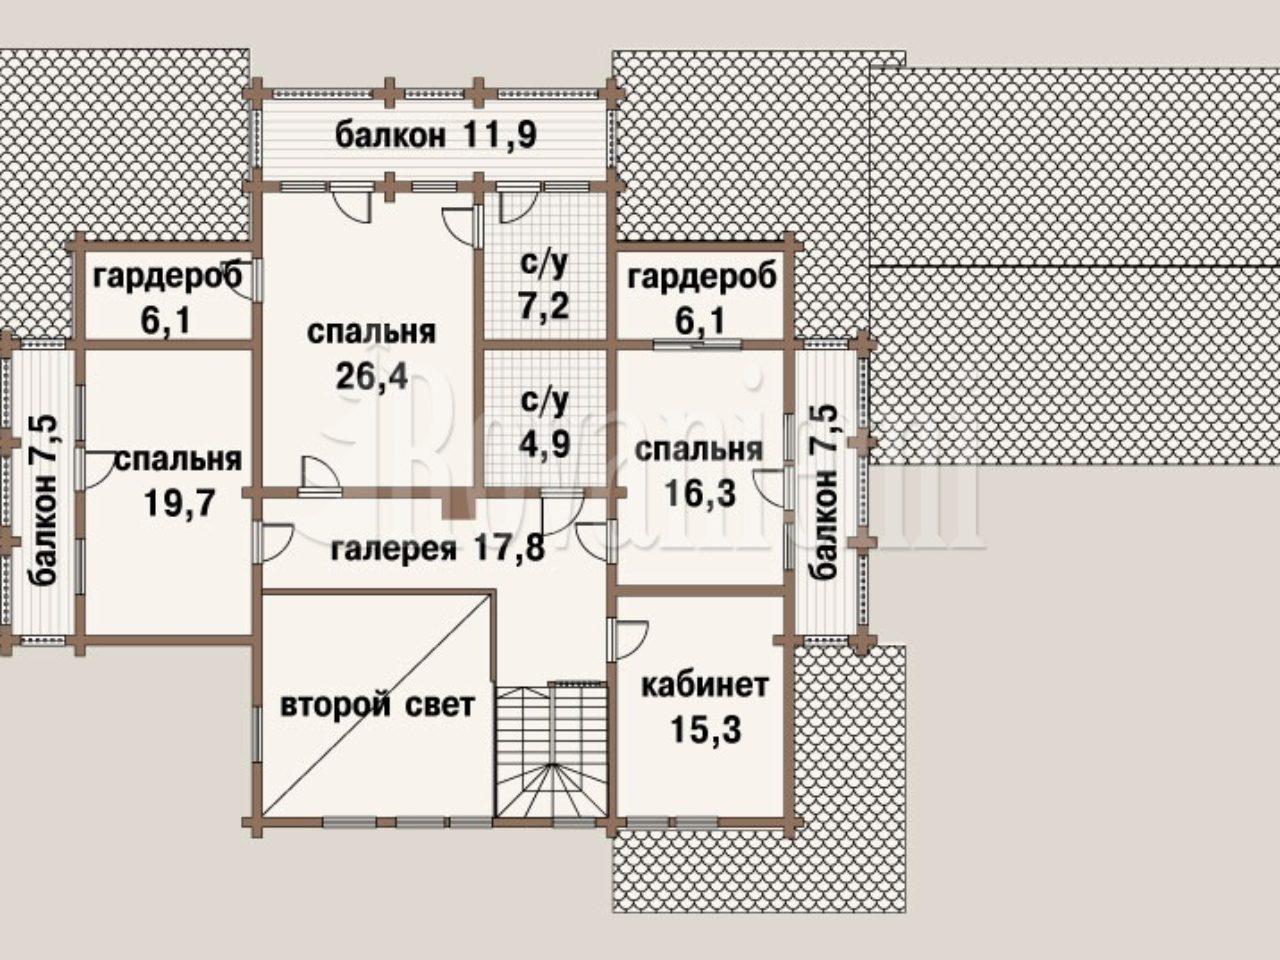 Poetazhnyj-plan-Solnechnyj